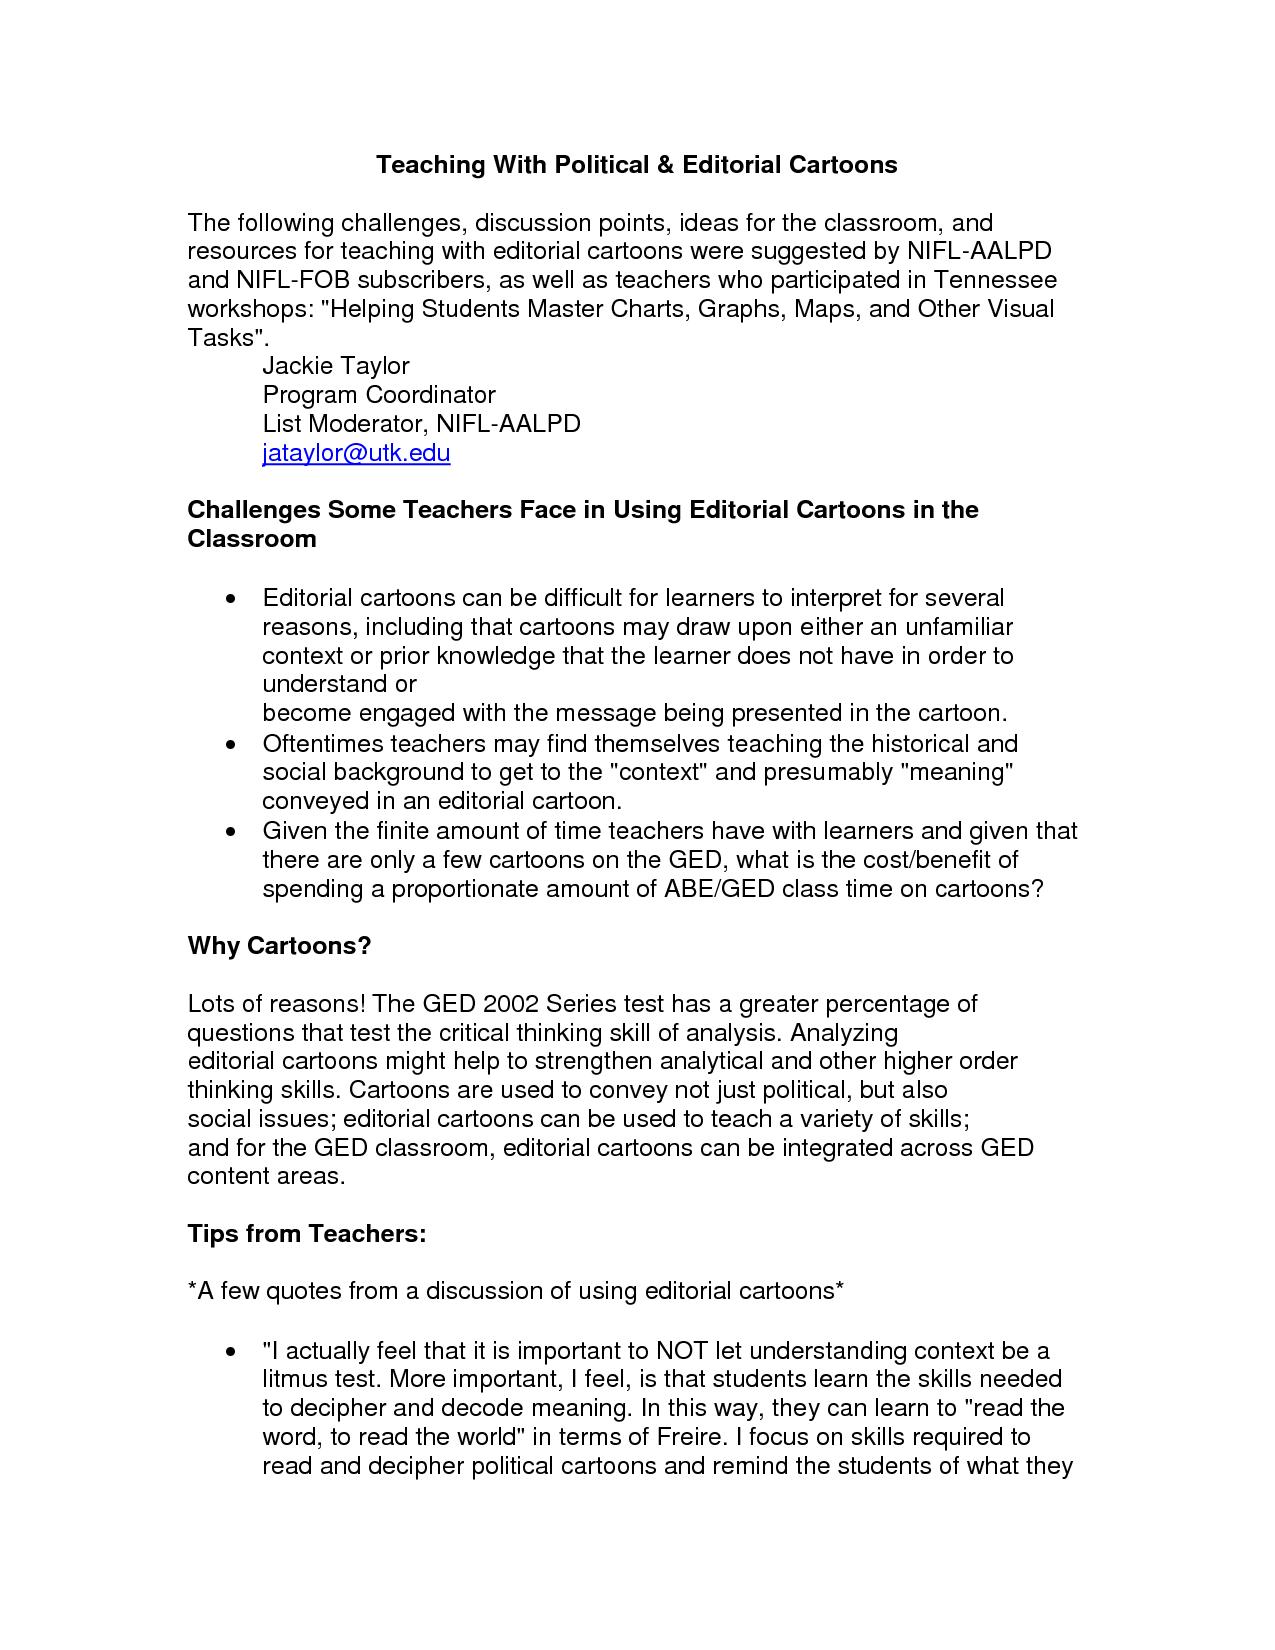 √ Free Printable Ged Worksheets Free Worksheets Library - Free | Free Printable Ged Science Worksheets